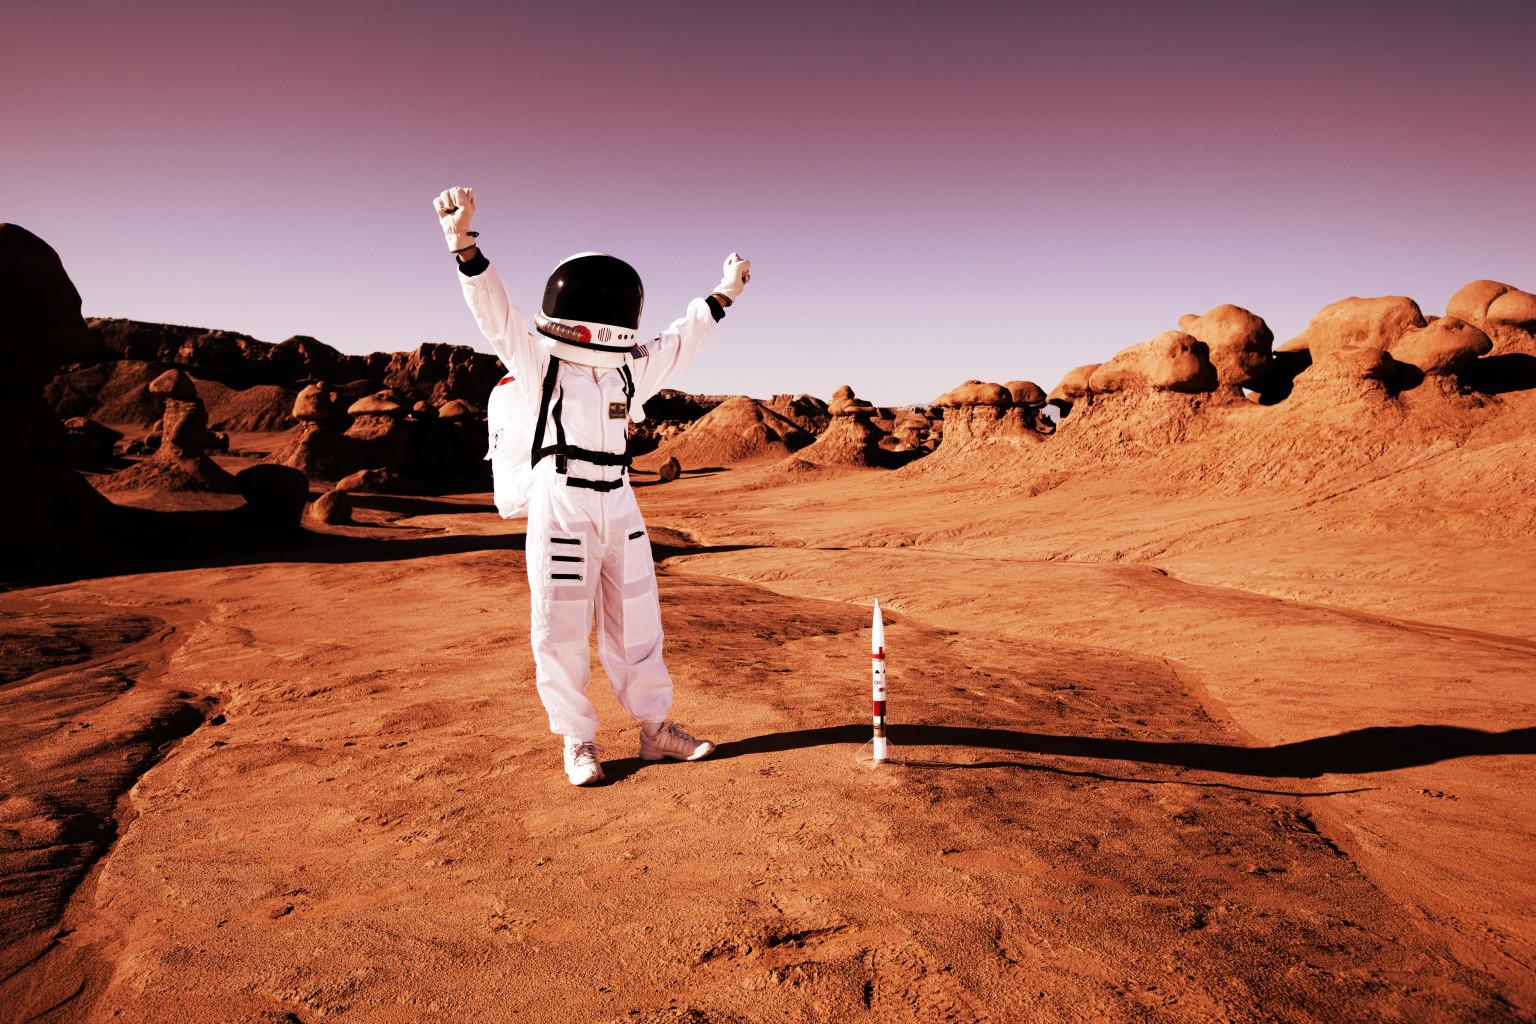 Опубликован список команды для пилотируемого полета на Марс по программе НАСА